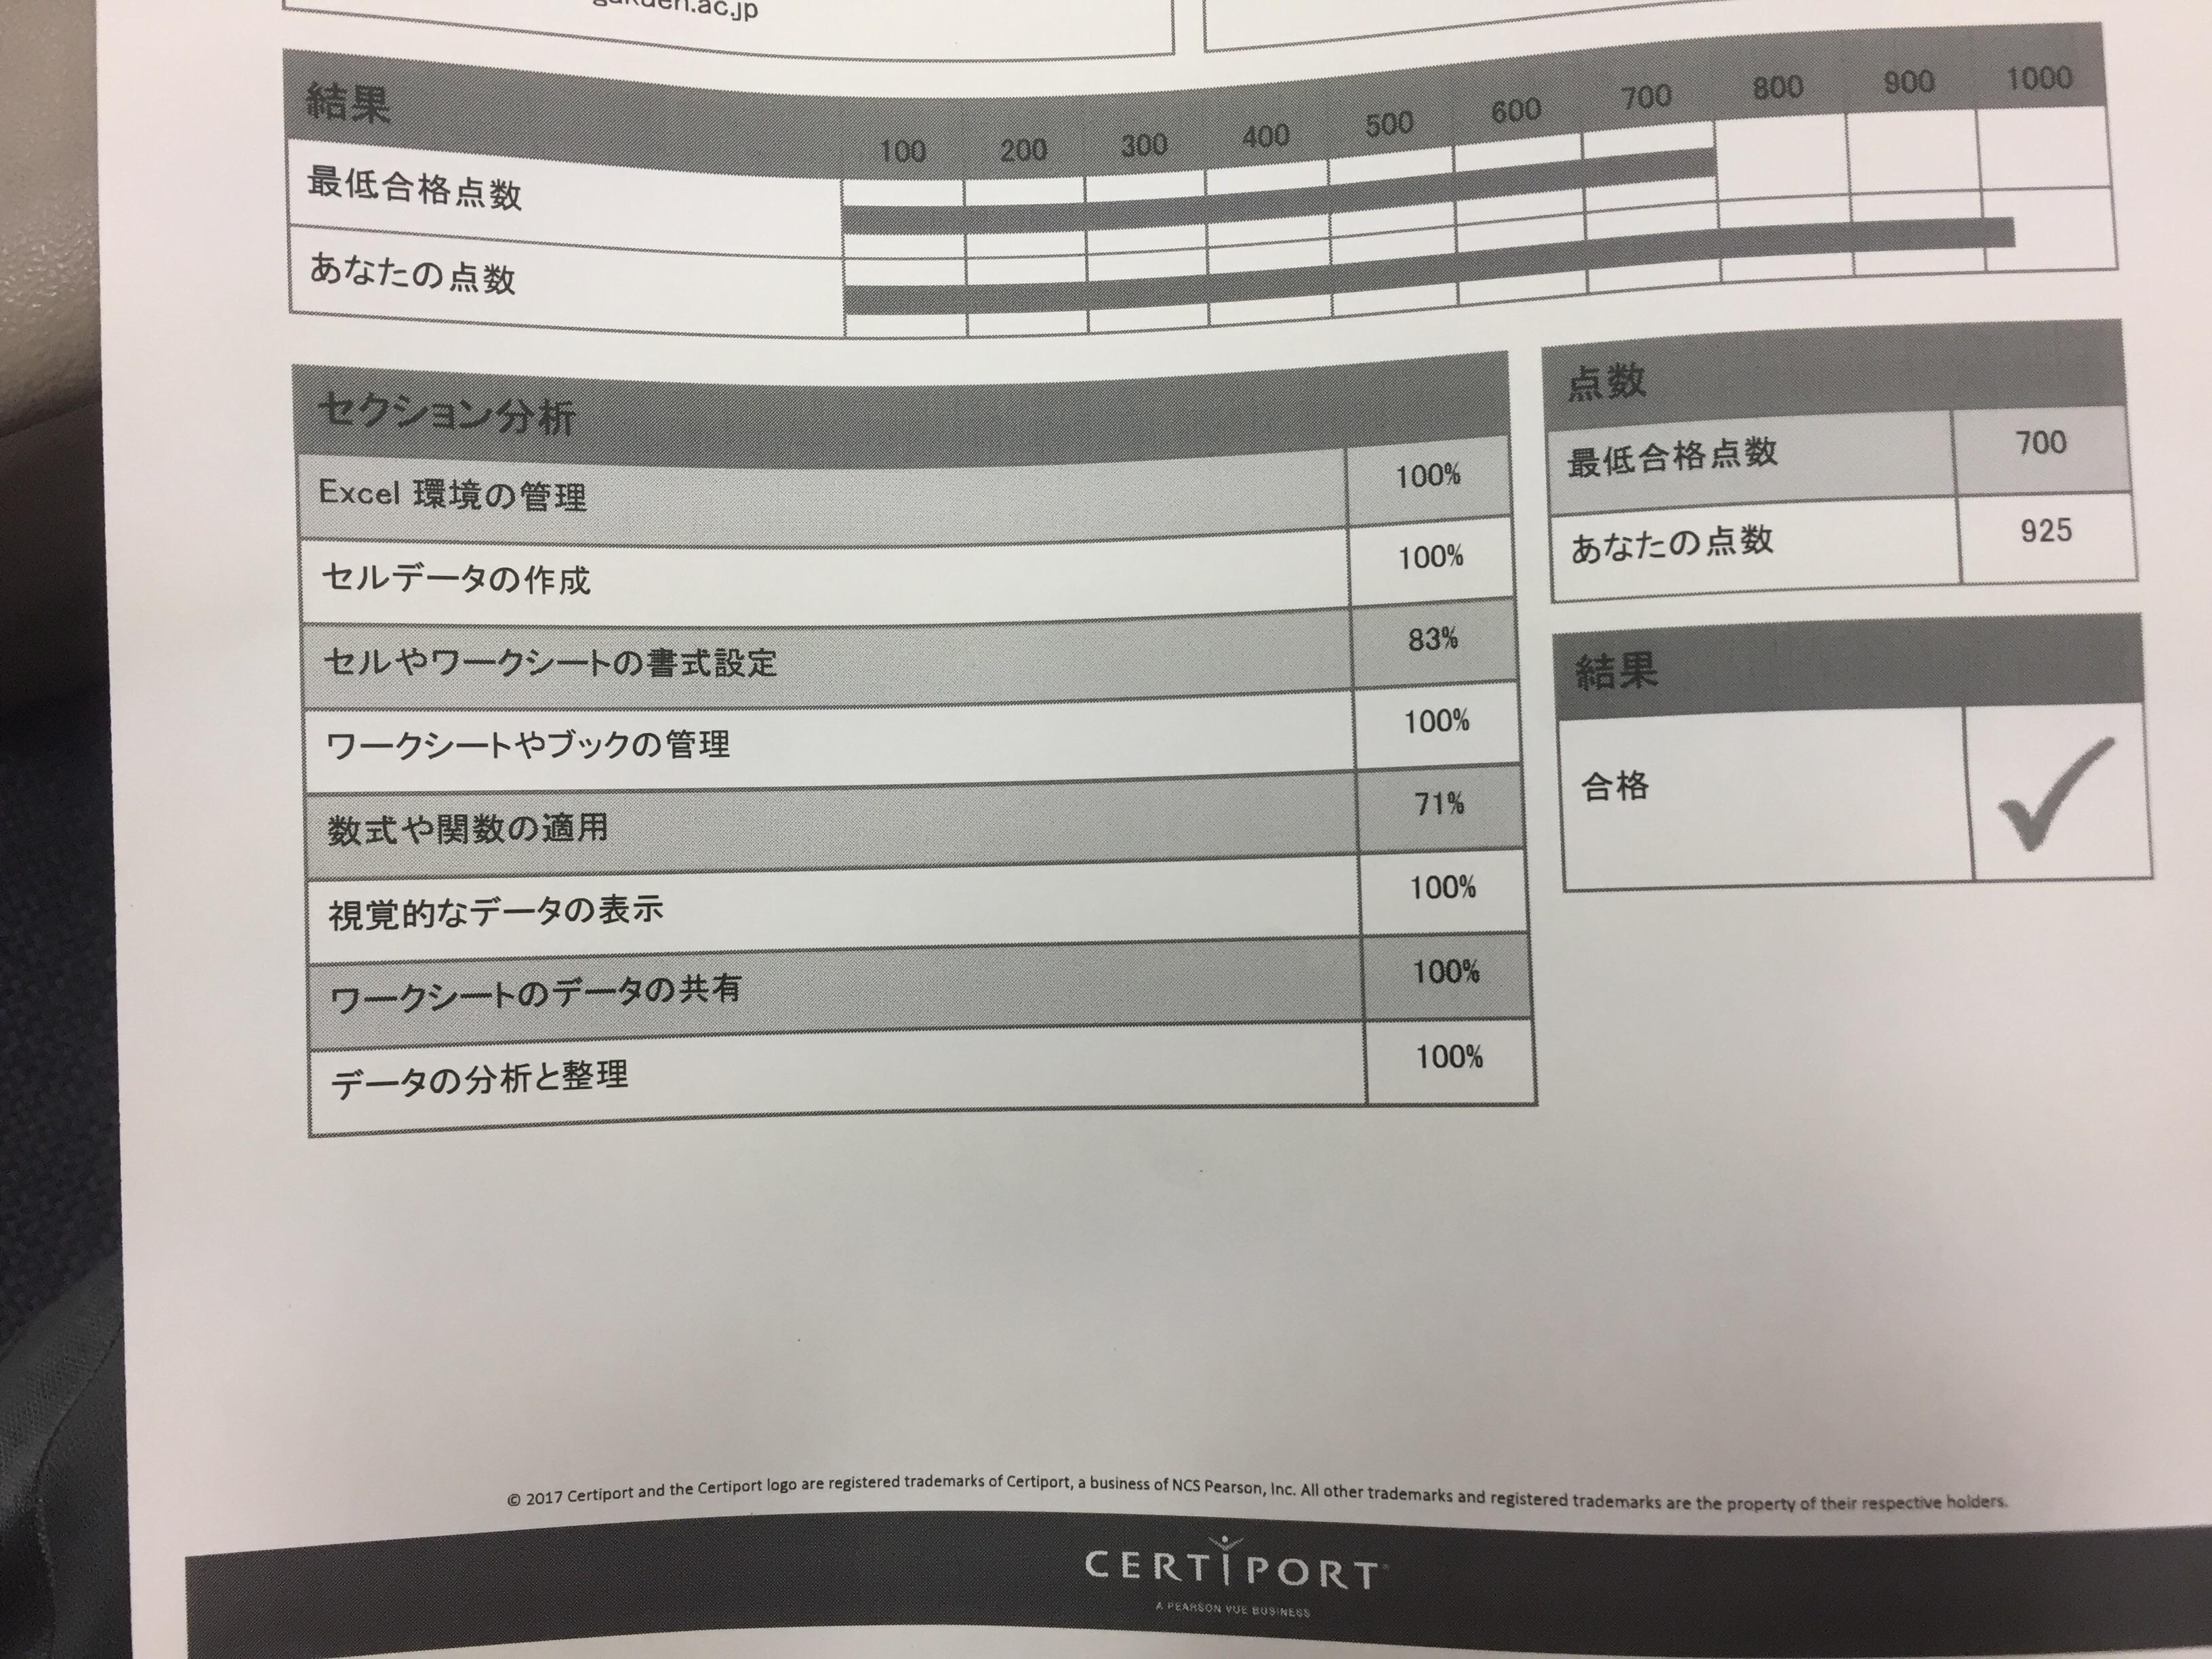 f:id:renren-wacyanosuke:20170225113739j:image